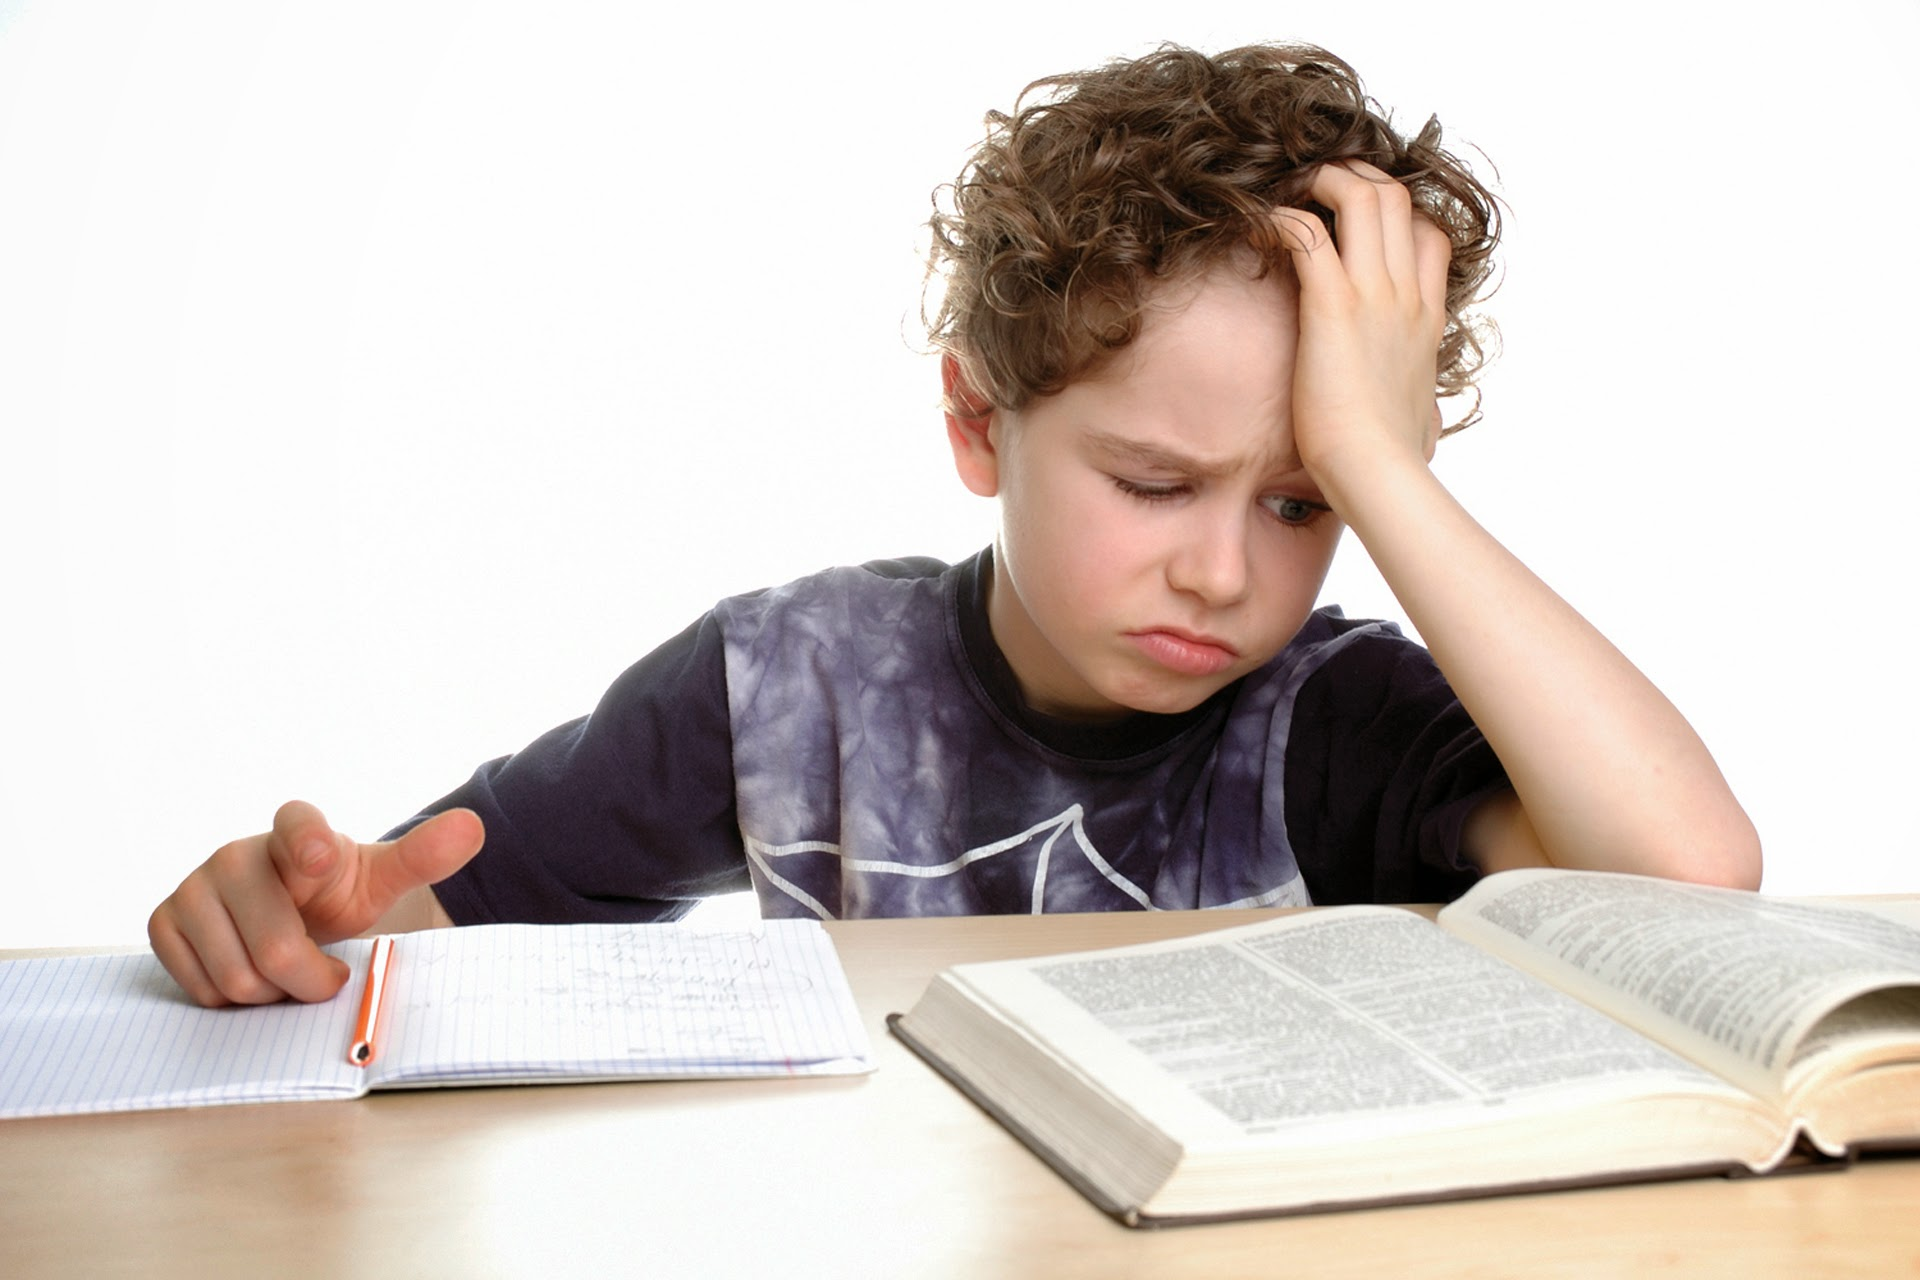 Ребенок ябедничает: что делать и как бороться? советы психолога